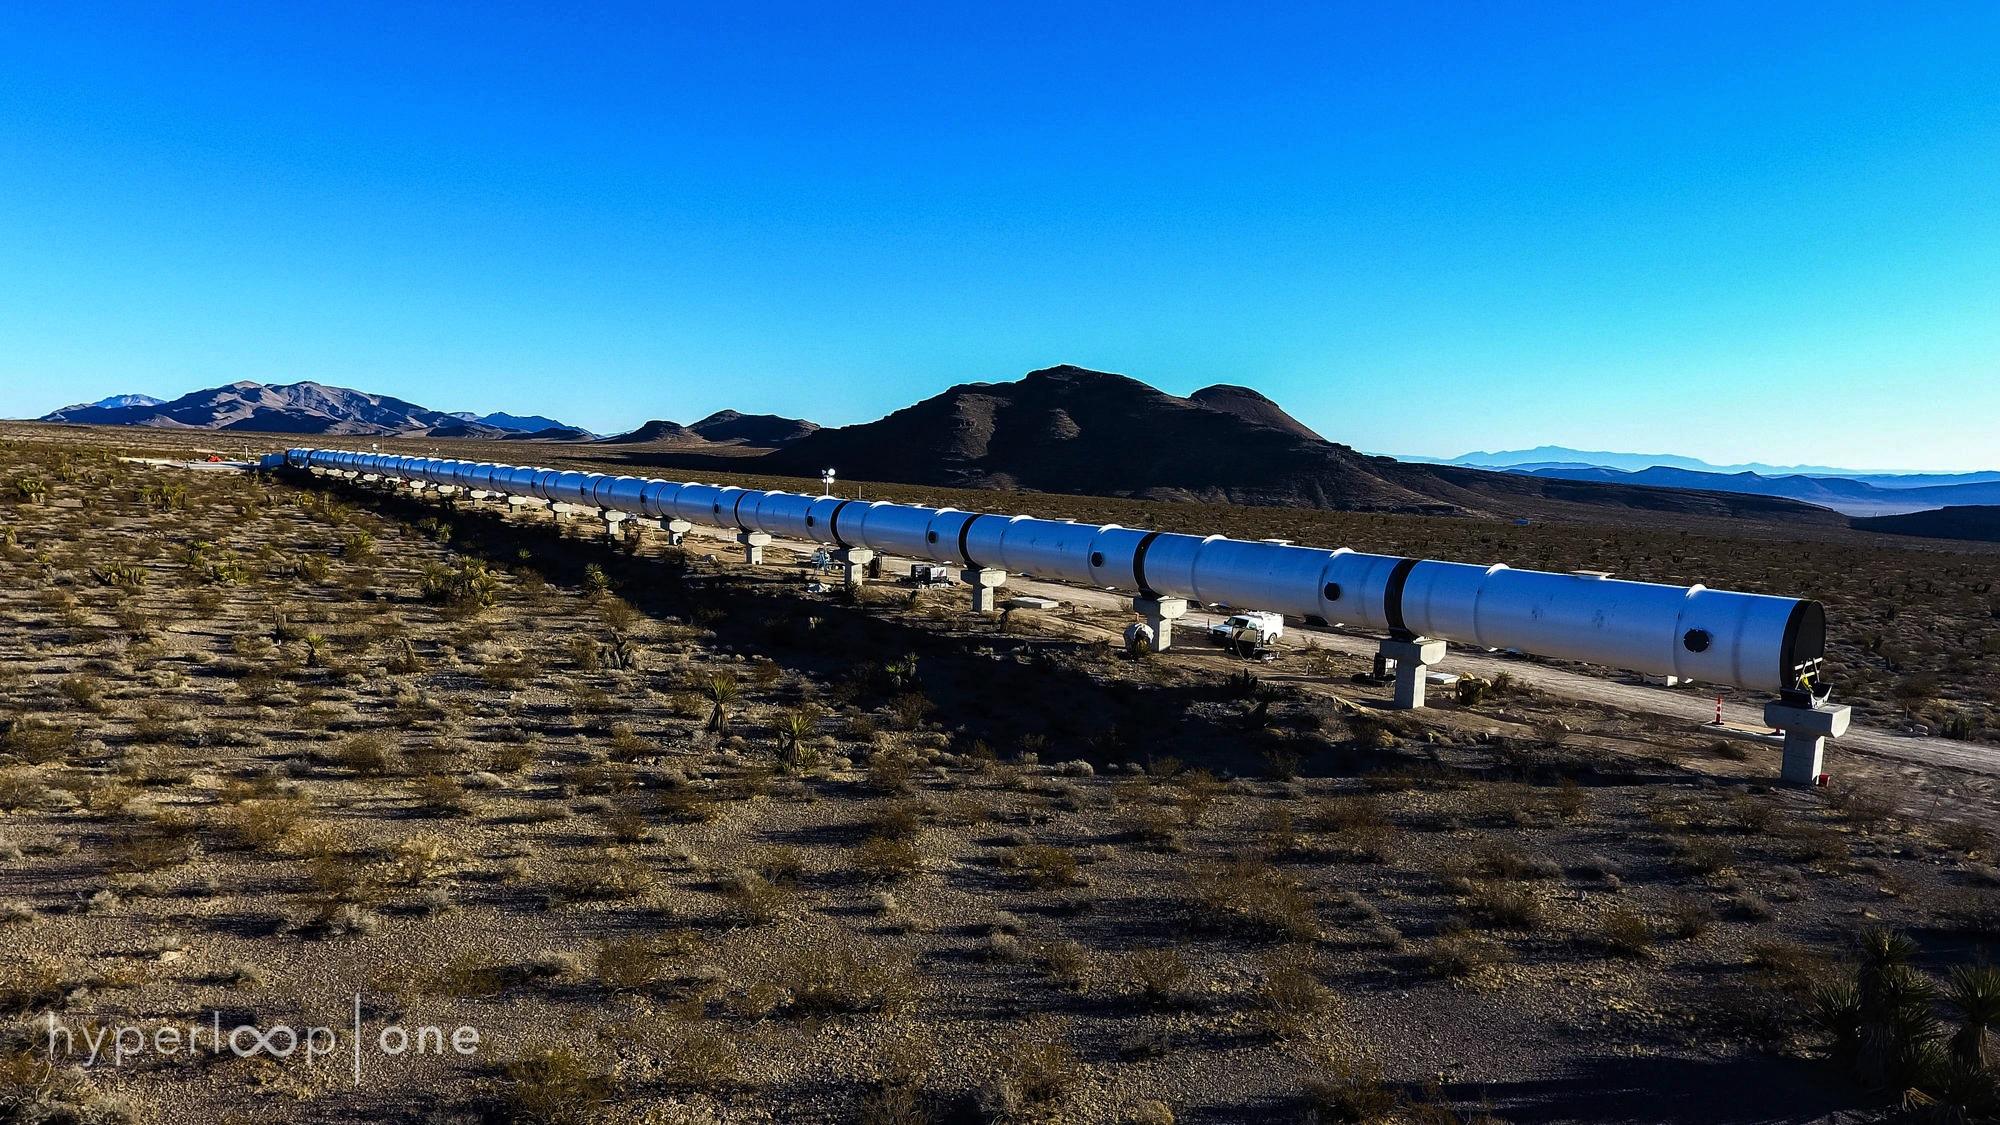 Hyperloop One hat in der Wüste Nevadas seine erste Teststrecke eröffnet –ein Outdoor-Testlabor für Antriebs-, Vakuum- und Steuerungstechnik.